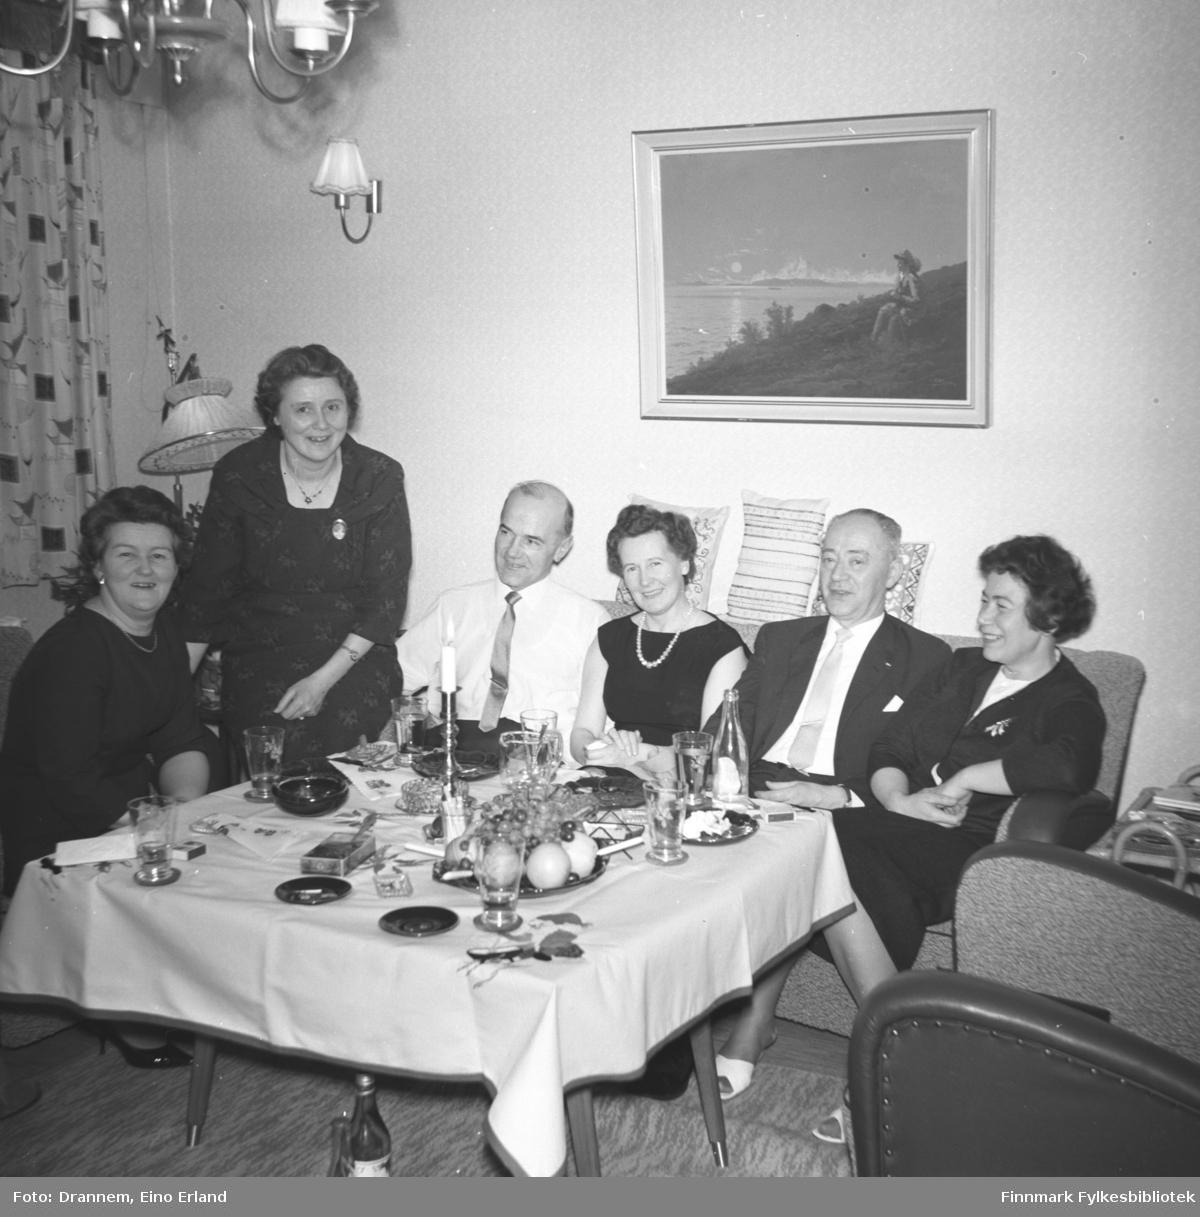 Pentkledte mennesker samlet i stua til familien Drannem i Hammerfest. Jenny Drannem sitter helt til høyre på bildet.